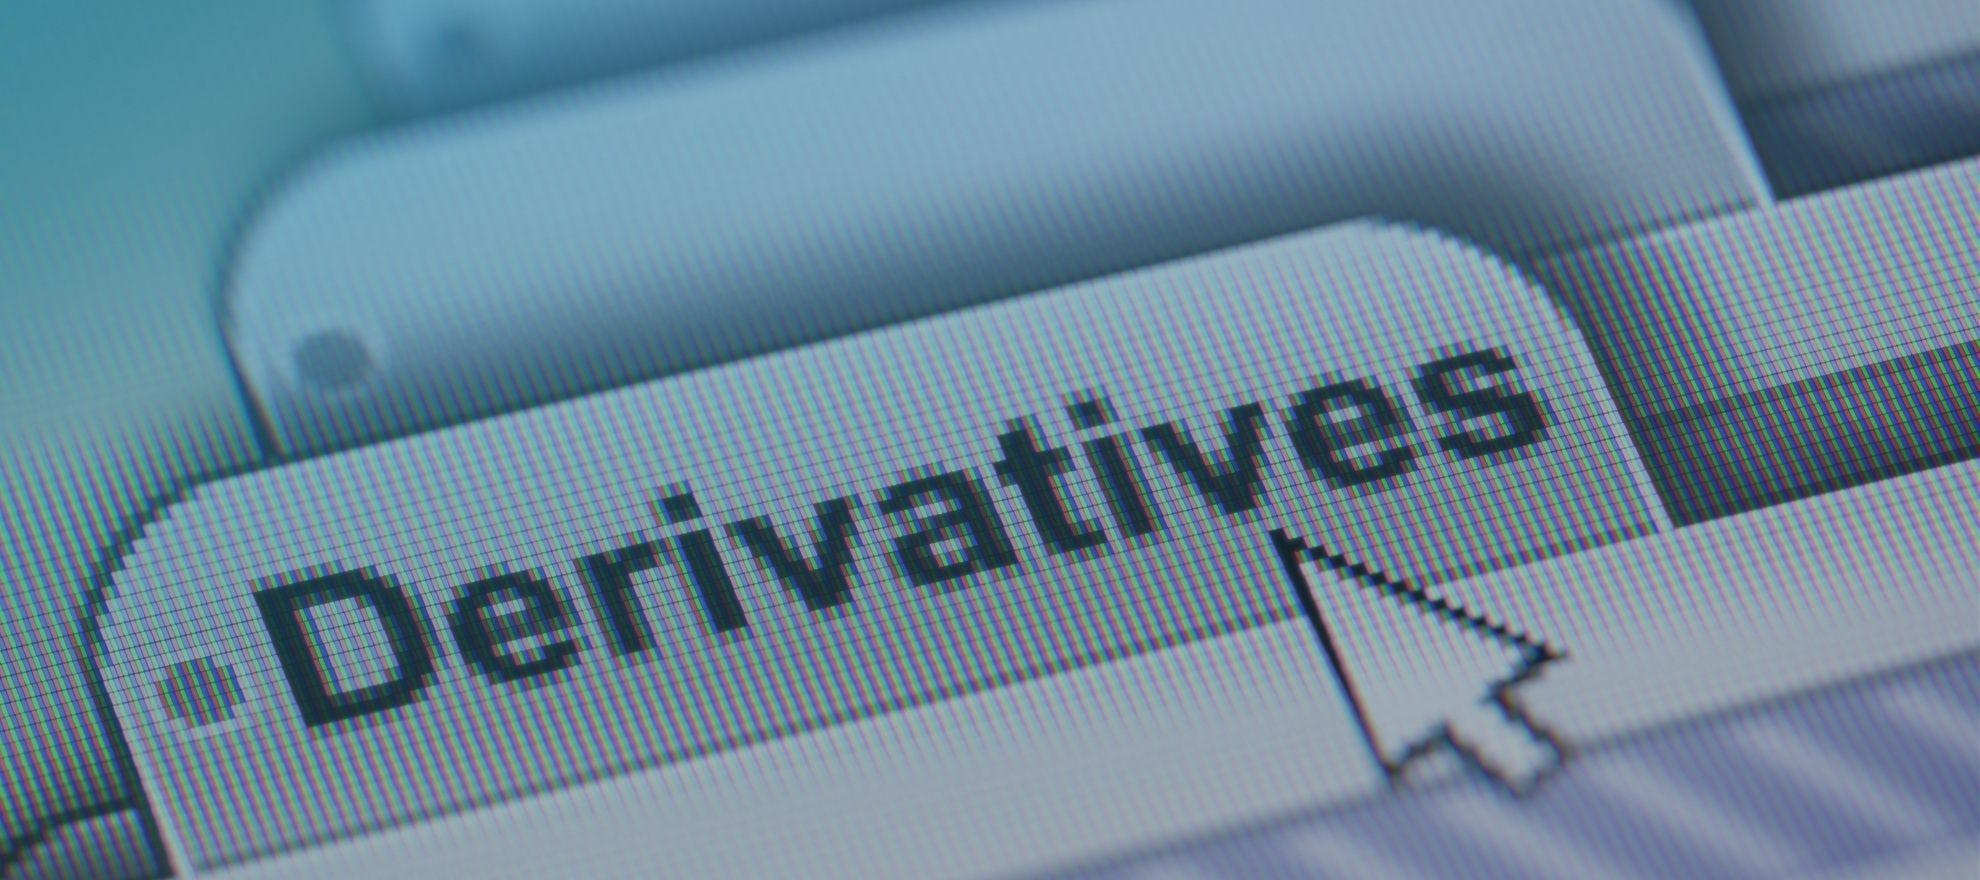 Mercado de Derivativos: Entenda o conceito